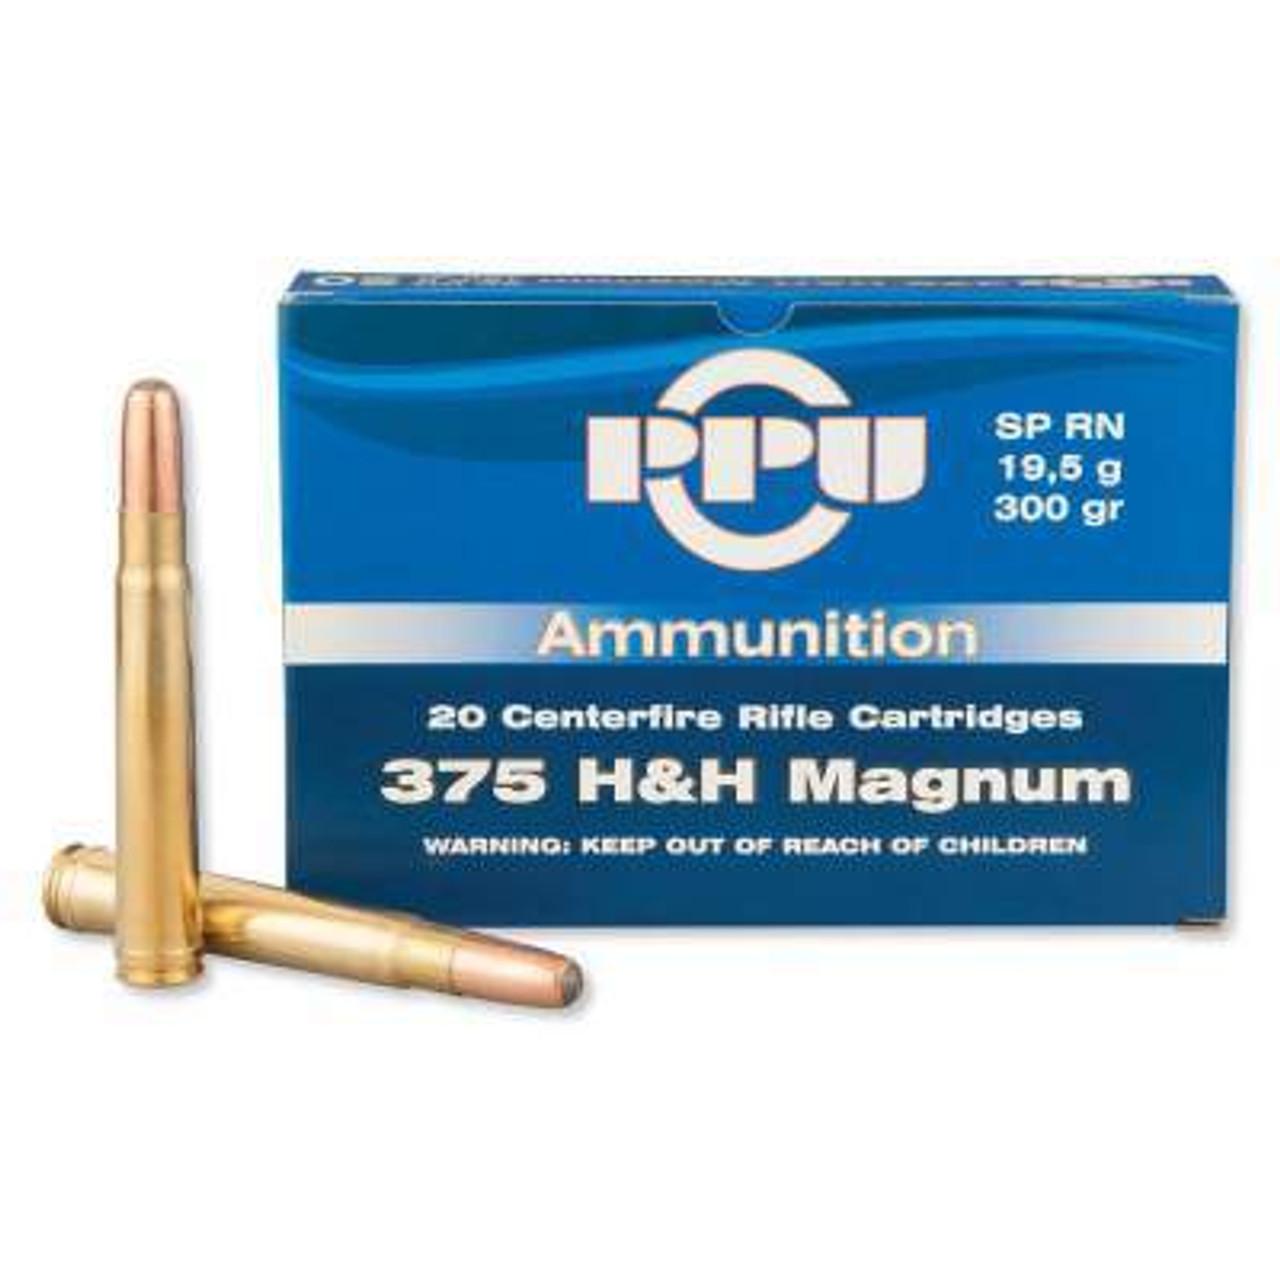 375 H&H Ammo